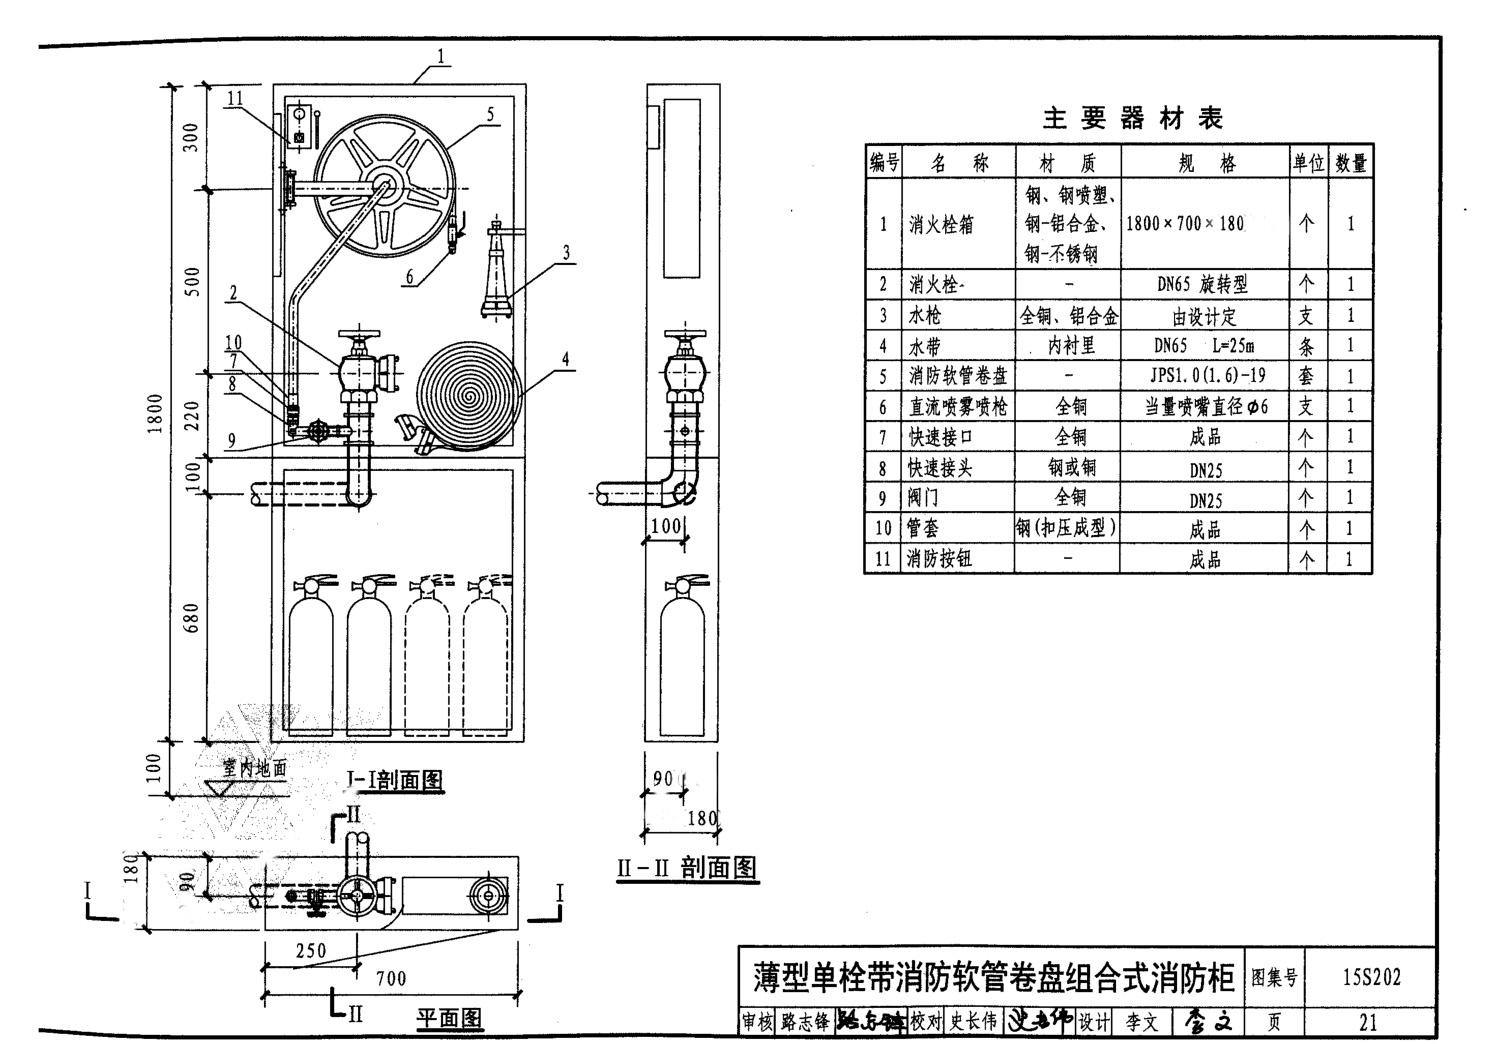 1800-700-180+自救+隔板+中隔下单栓(780格子).jpg